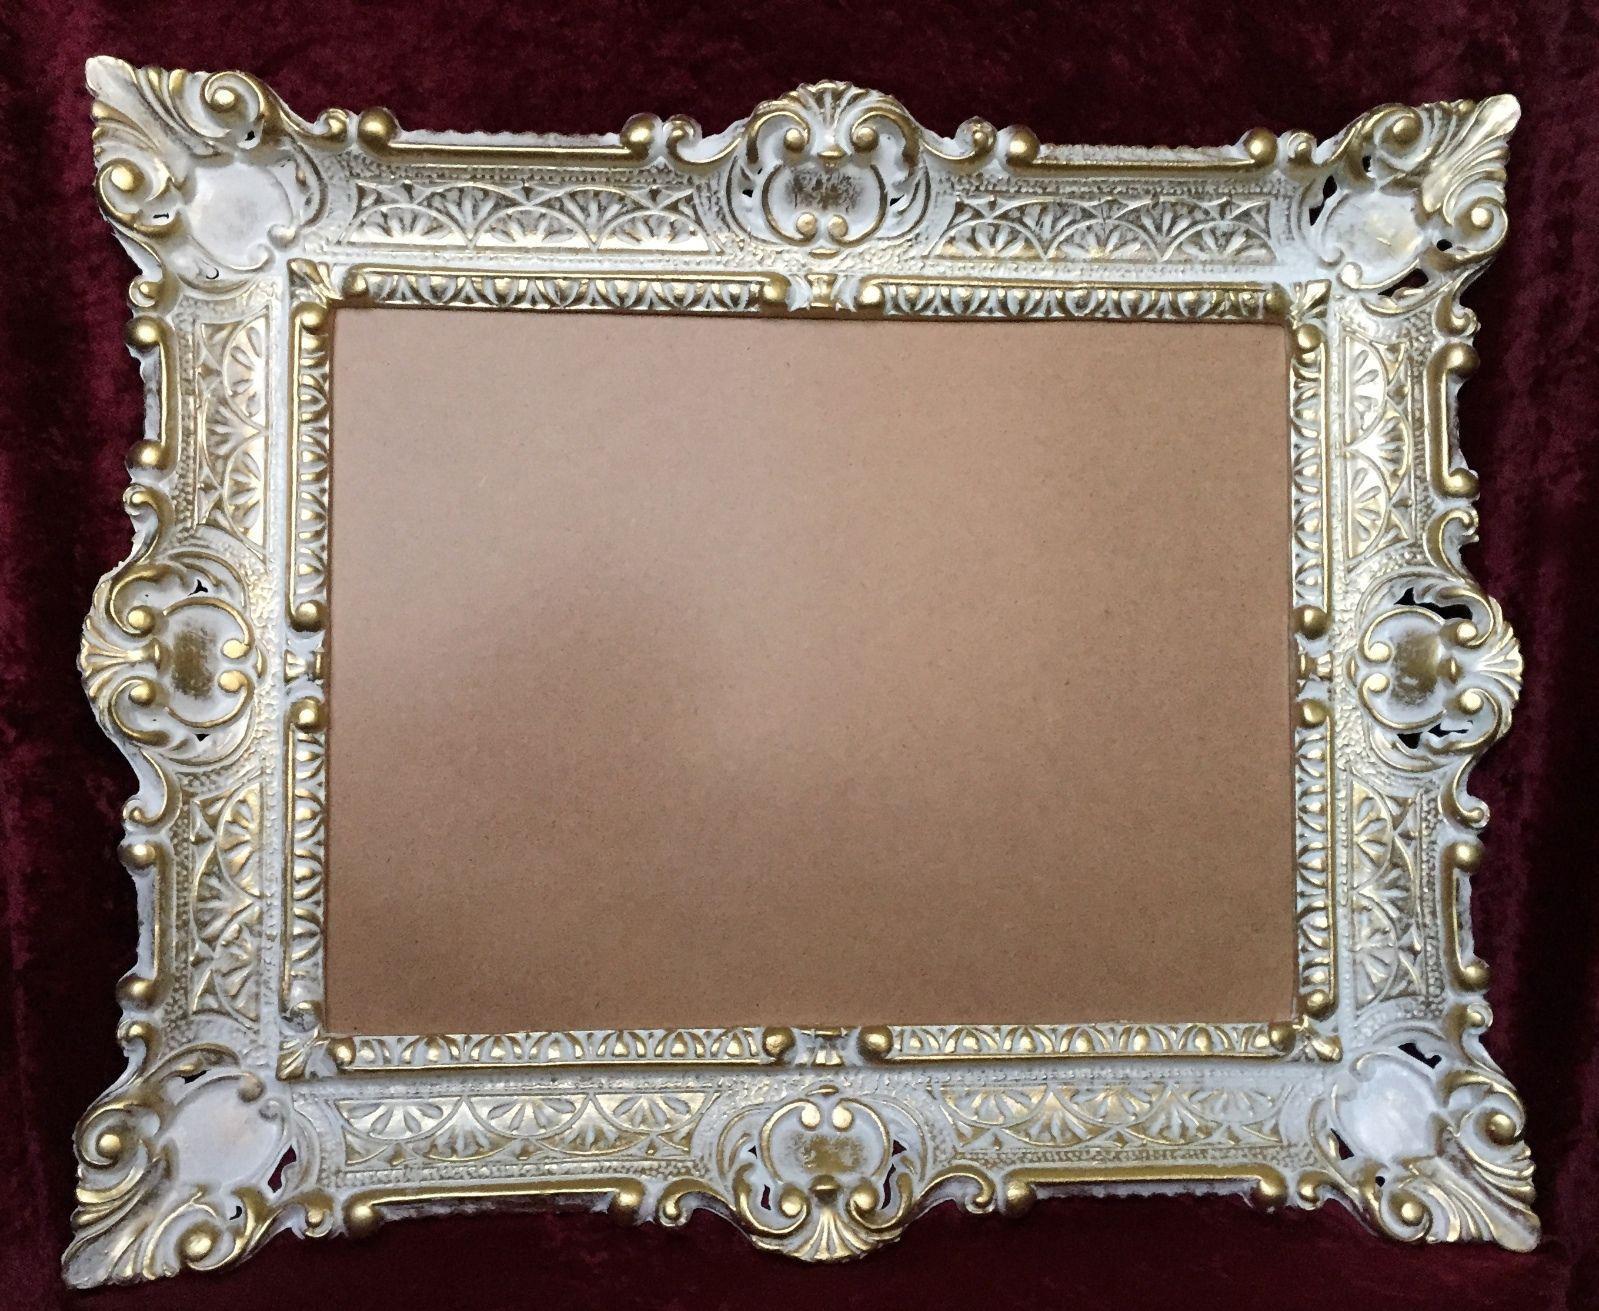 Bilderrahmen Weiß-Gold mit glas 56x46 Gemälde rahmen Antik ...